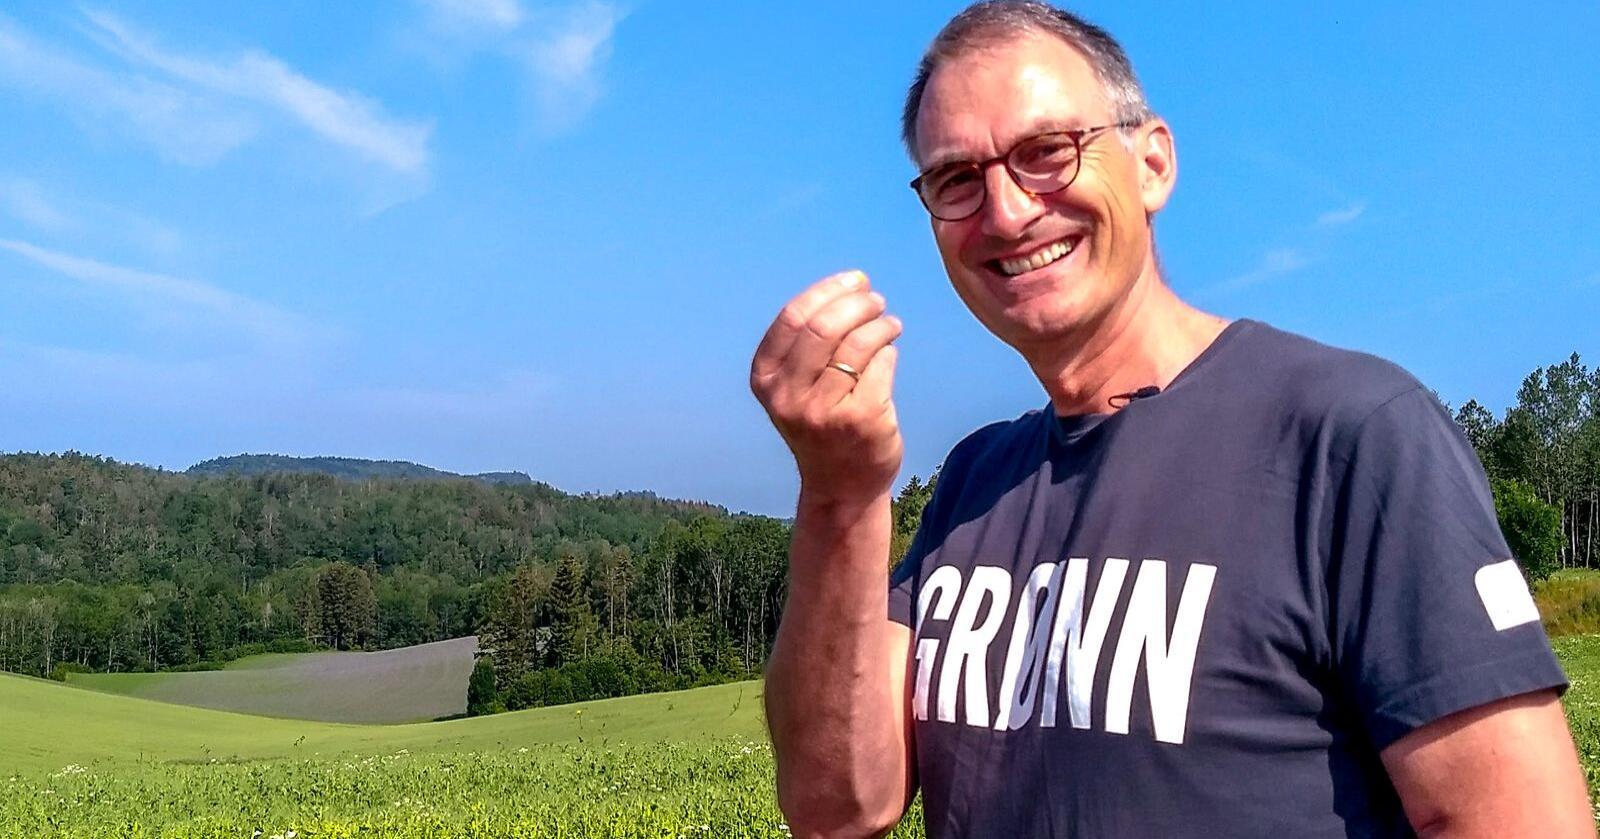 Harald Moskvil er økobonde og landbrukspolitisk talsperson for Miljøpartiet de Grønne. Partiet tror det er mulig å kvitte seg med all importert soya i norsk matproduksjon innen 2025. Foto: Privat